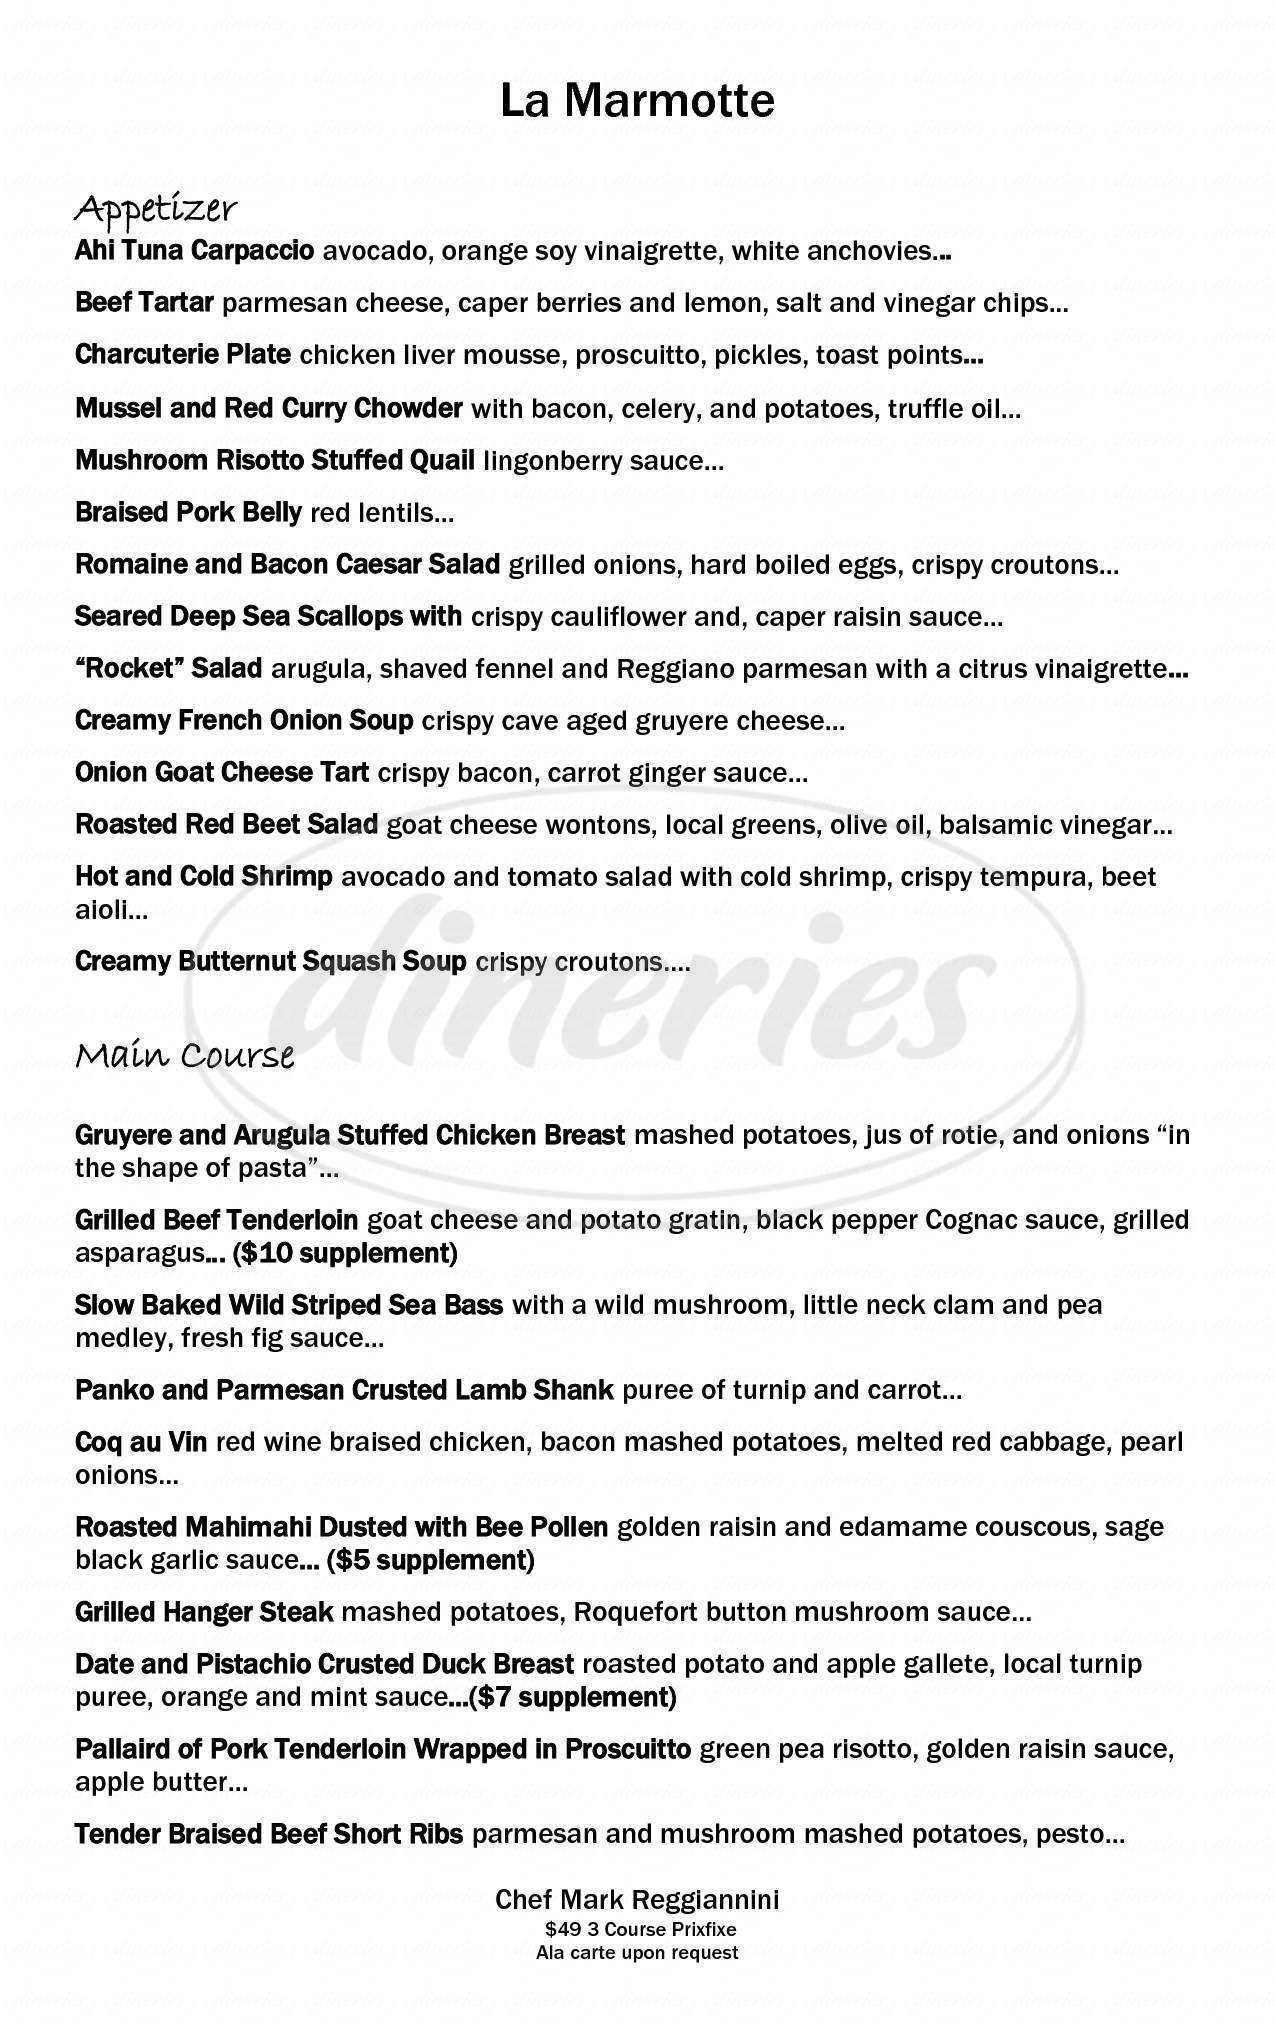 menu for La Marmotte Restaurant Francais